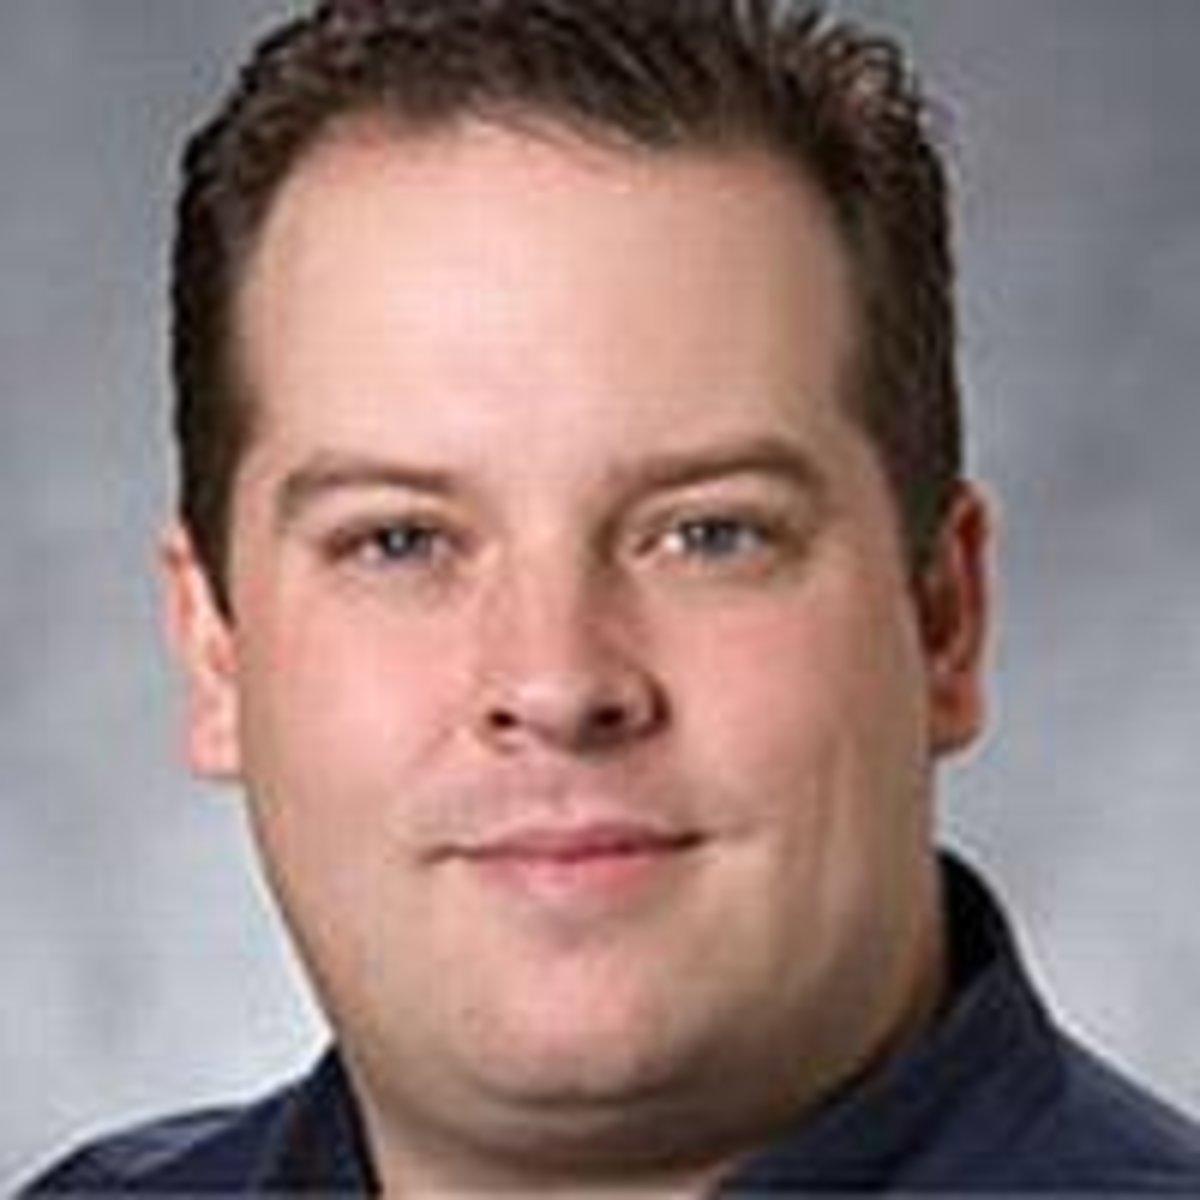 Jeremy Strauser